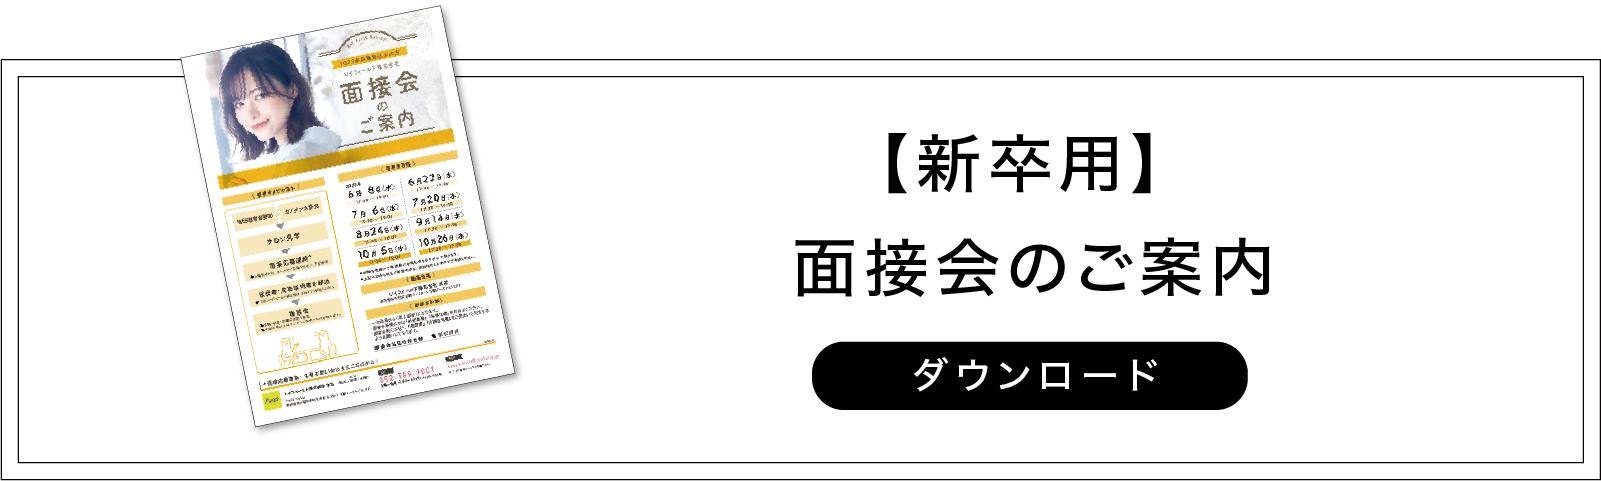 新卒用 2022年面接会のご案内 ダウンロードページへ